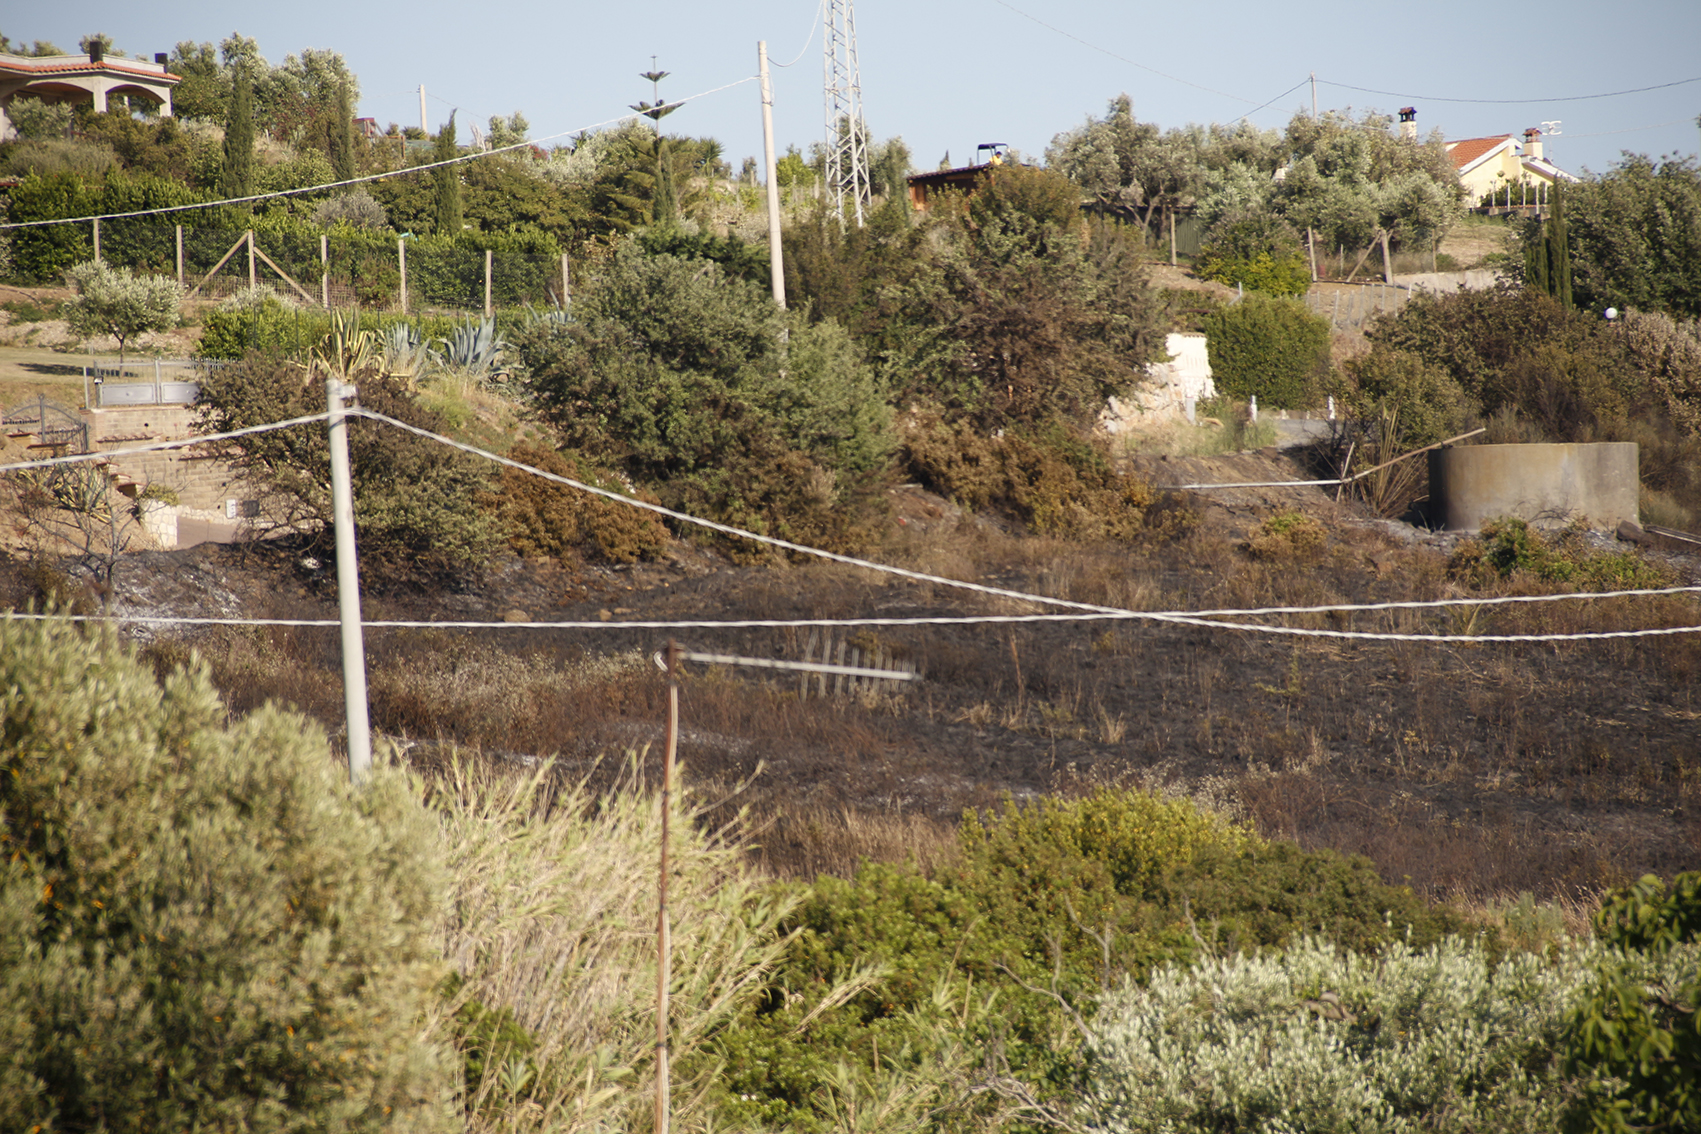 Tornano gli incendi estivi: quattro solo a Santa Marinella in poche ore